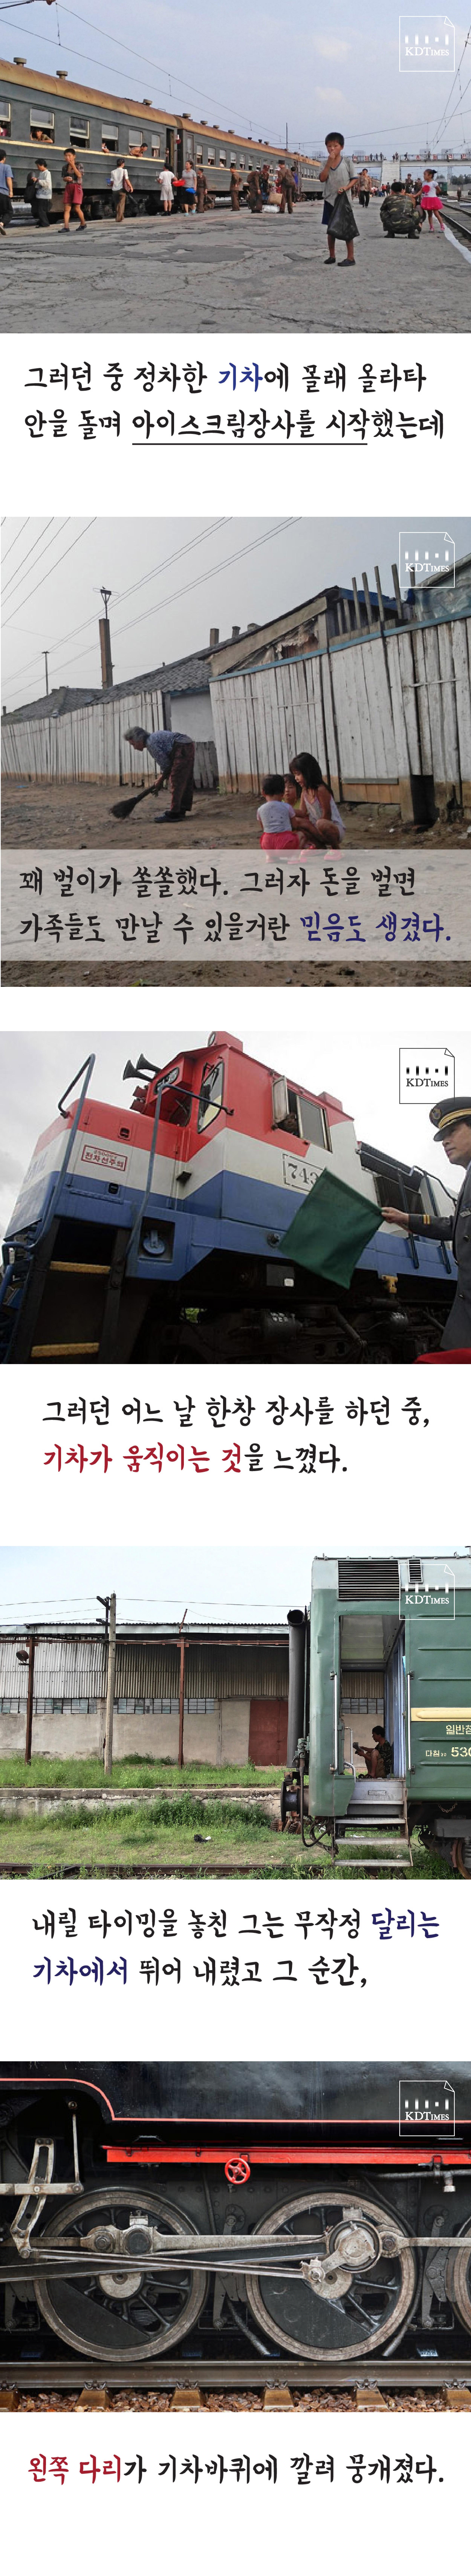 최광혁_kdt-02.jpg